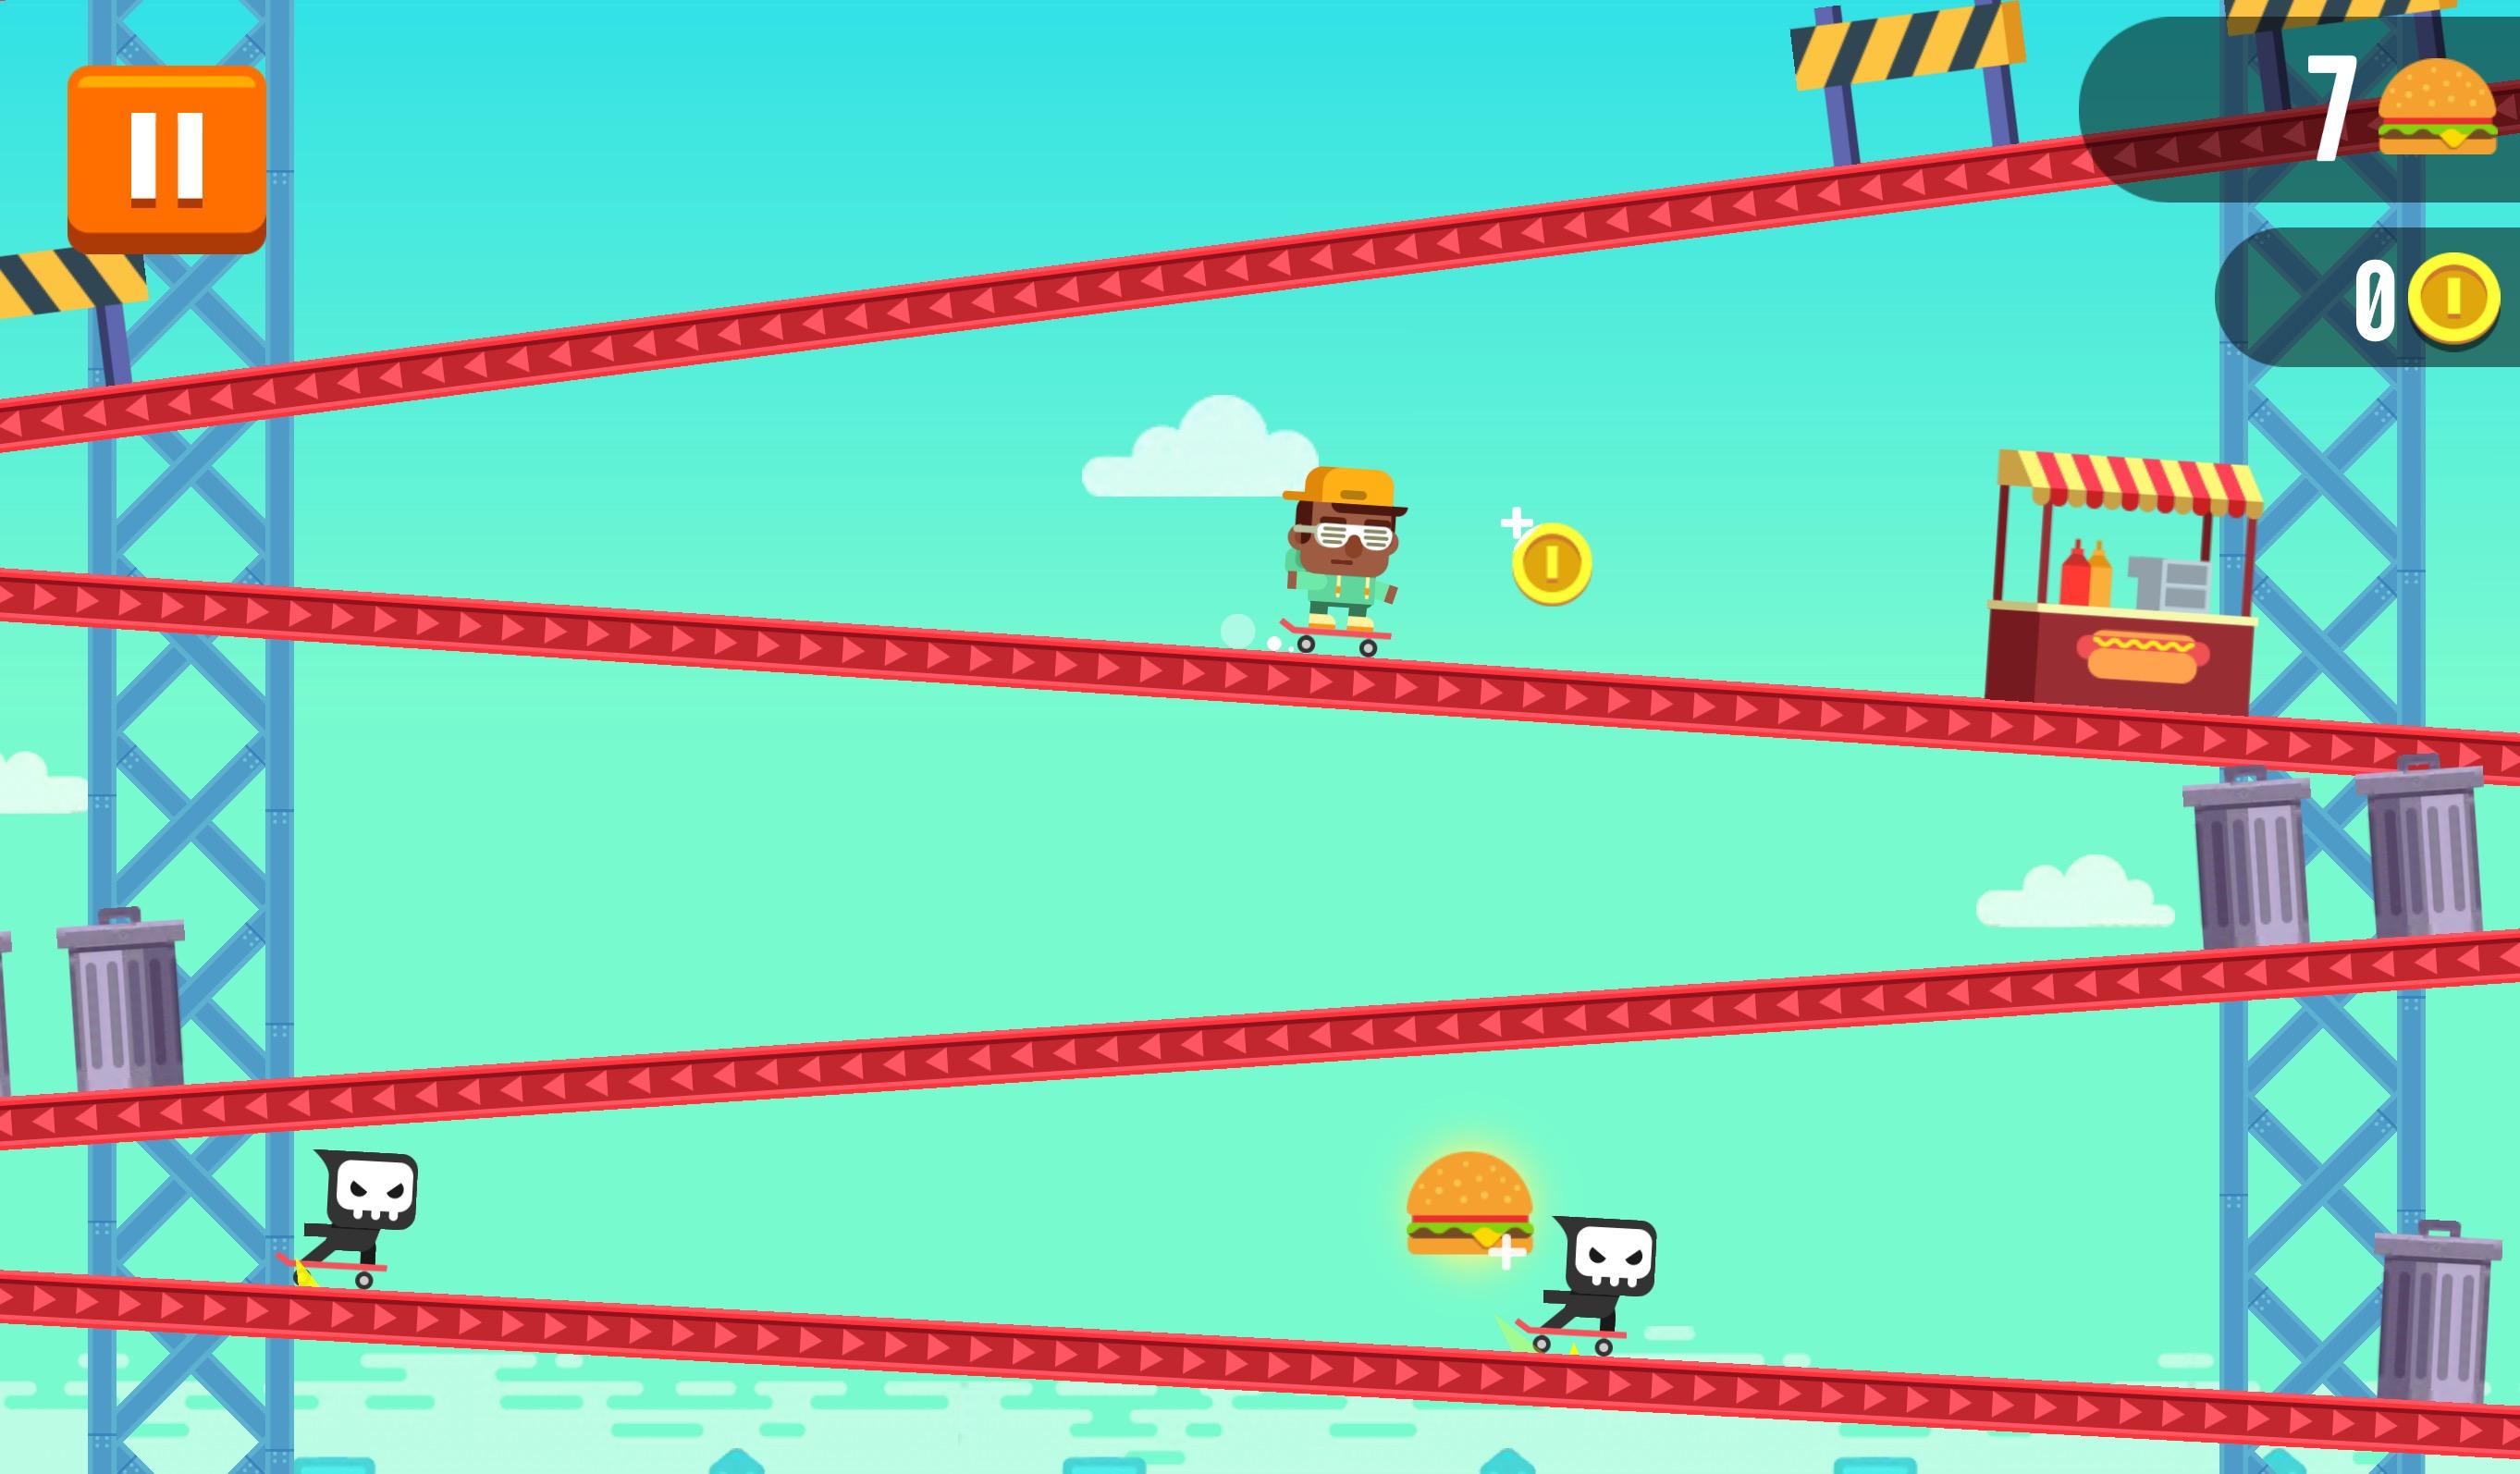 Défiez des pentes en skate à fond, dans l'amusant Tap Skaters, nouveau jeu iPhone, iPad 1